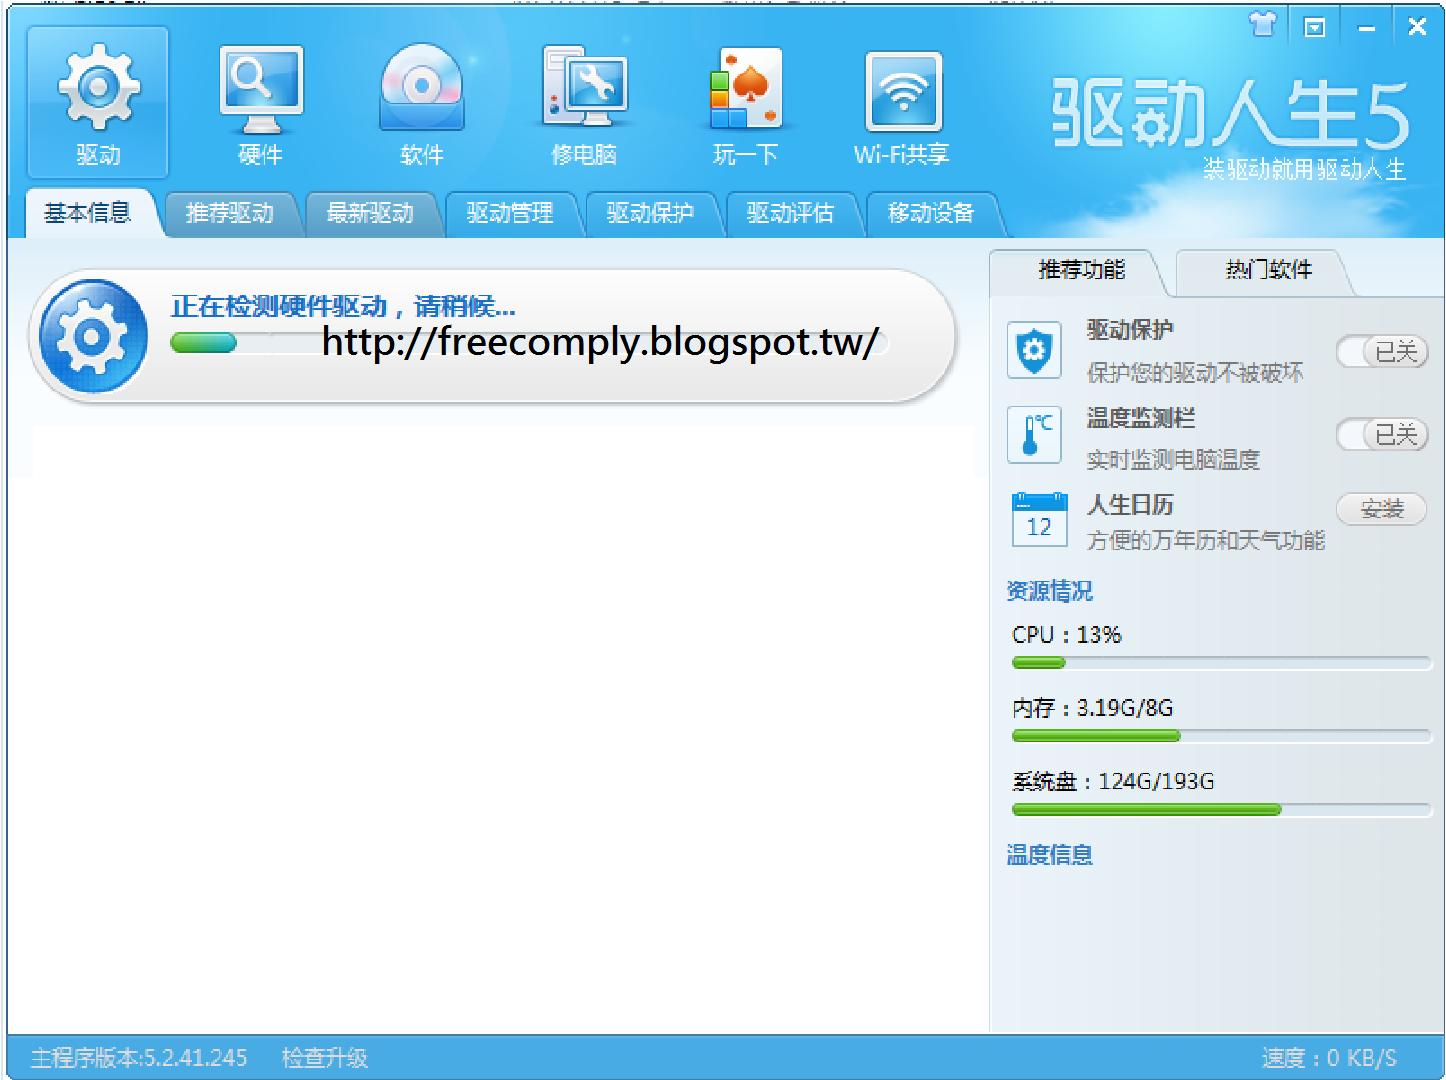 免費軟體資訊: 驅動人生2013 繁體中文下載點